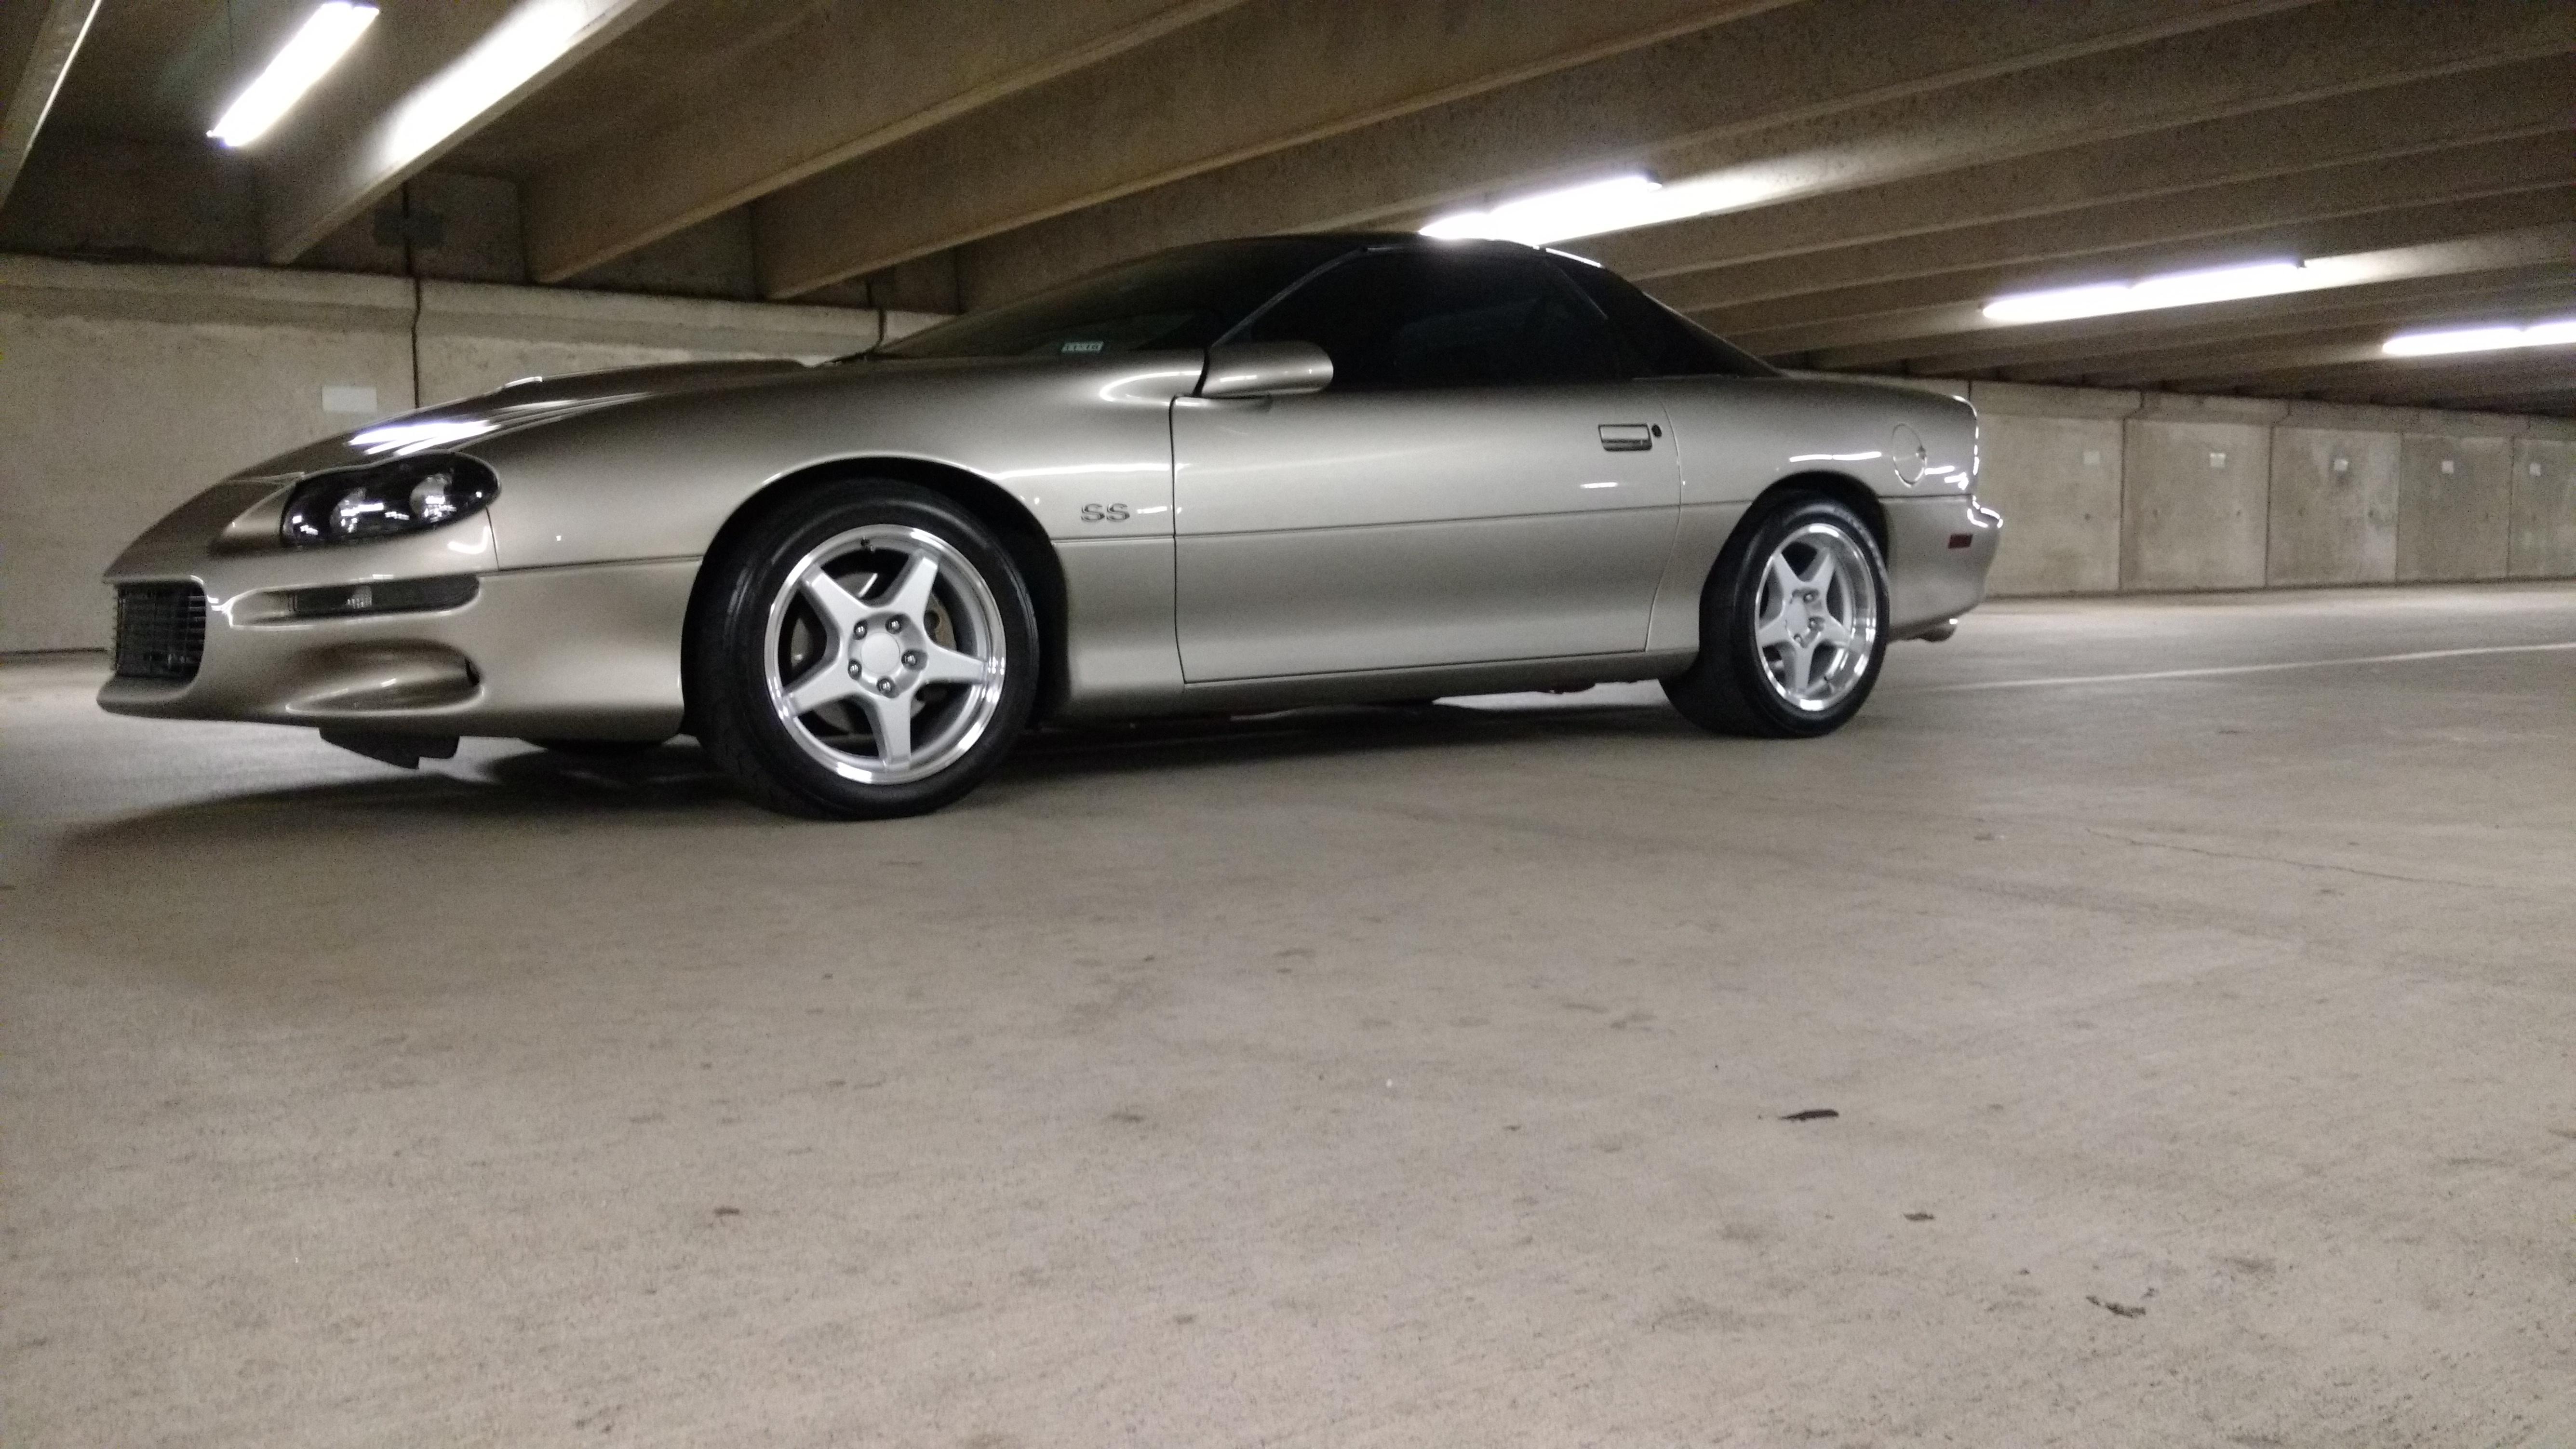 Chevrolet Corvette Zr1 Style Replica Wheels Silver 17x11